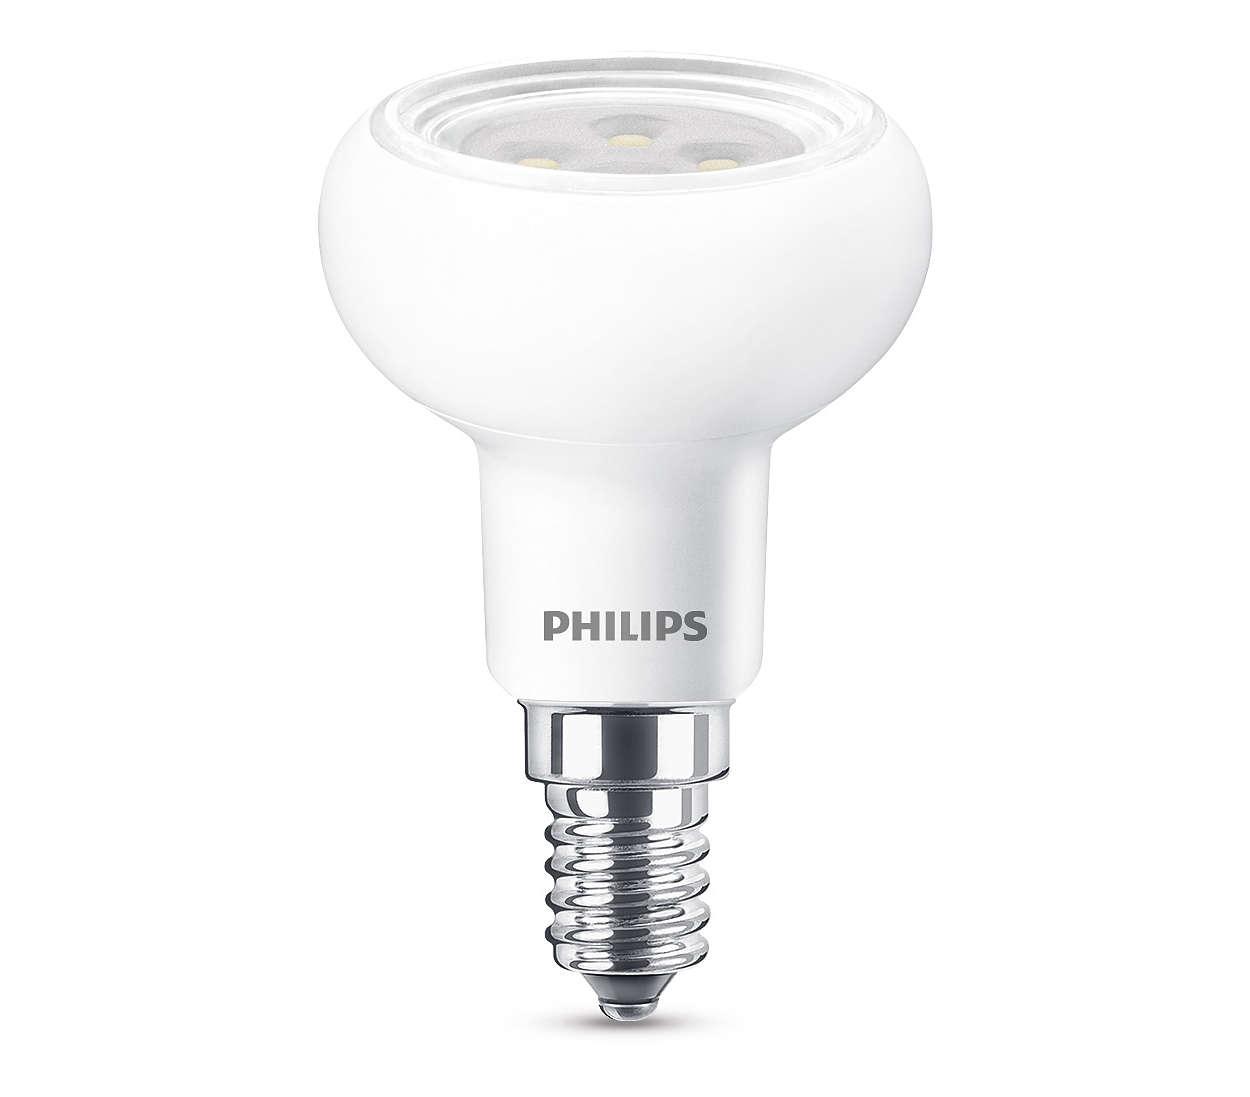 Lumină LED durabilă, cu fascicul strălucitor focalizat